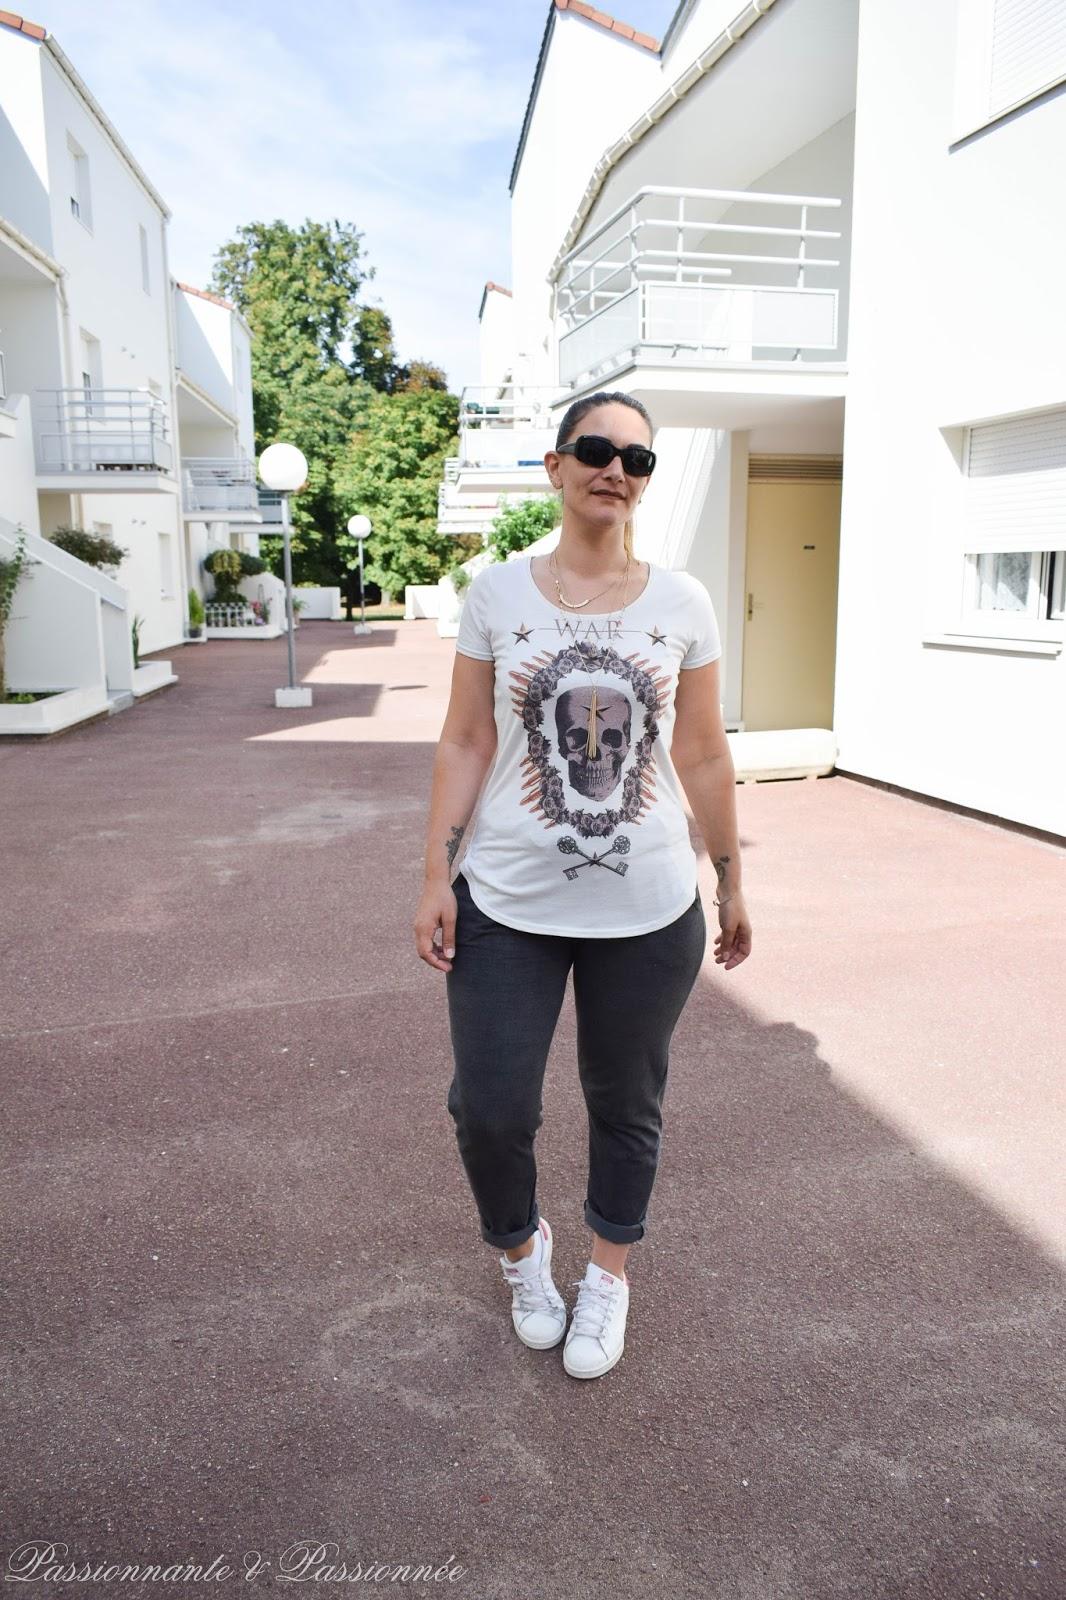 ronde en jogging